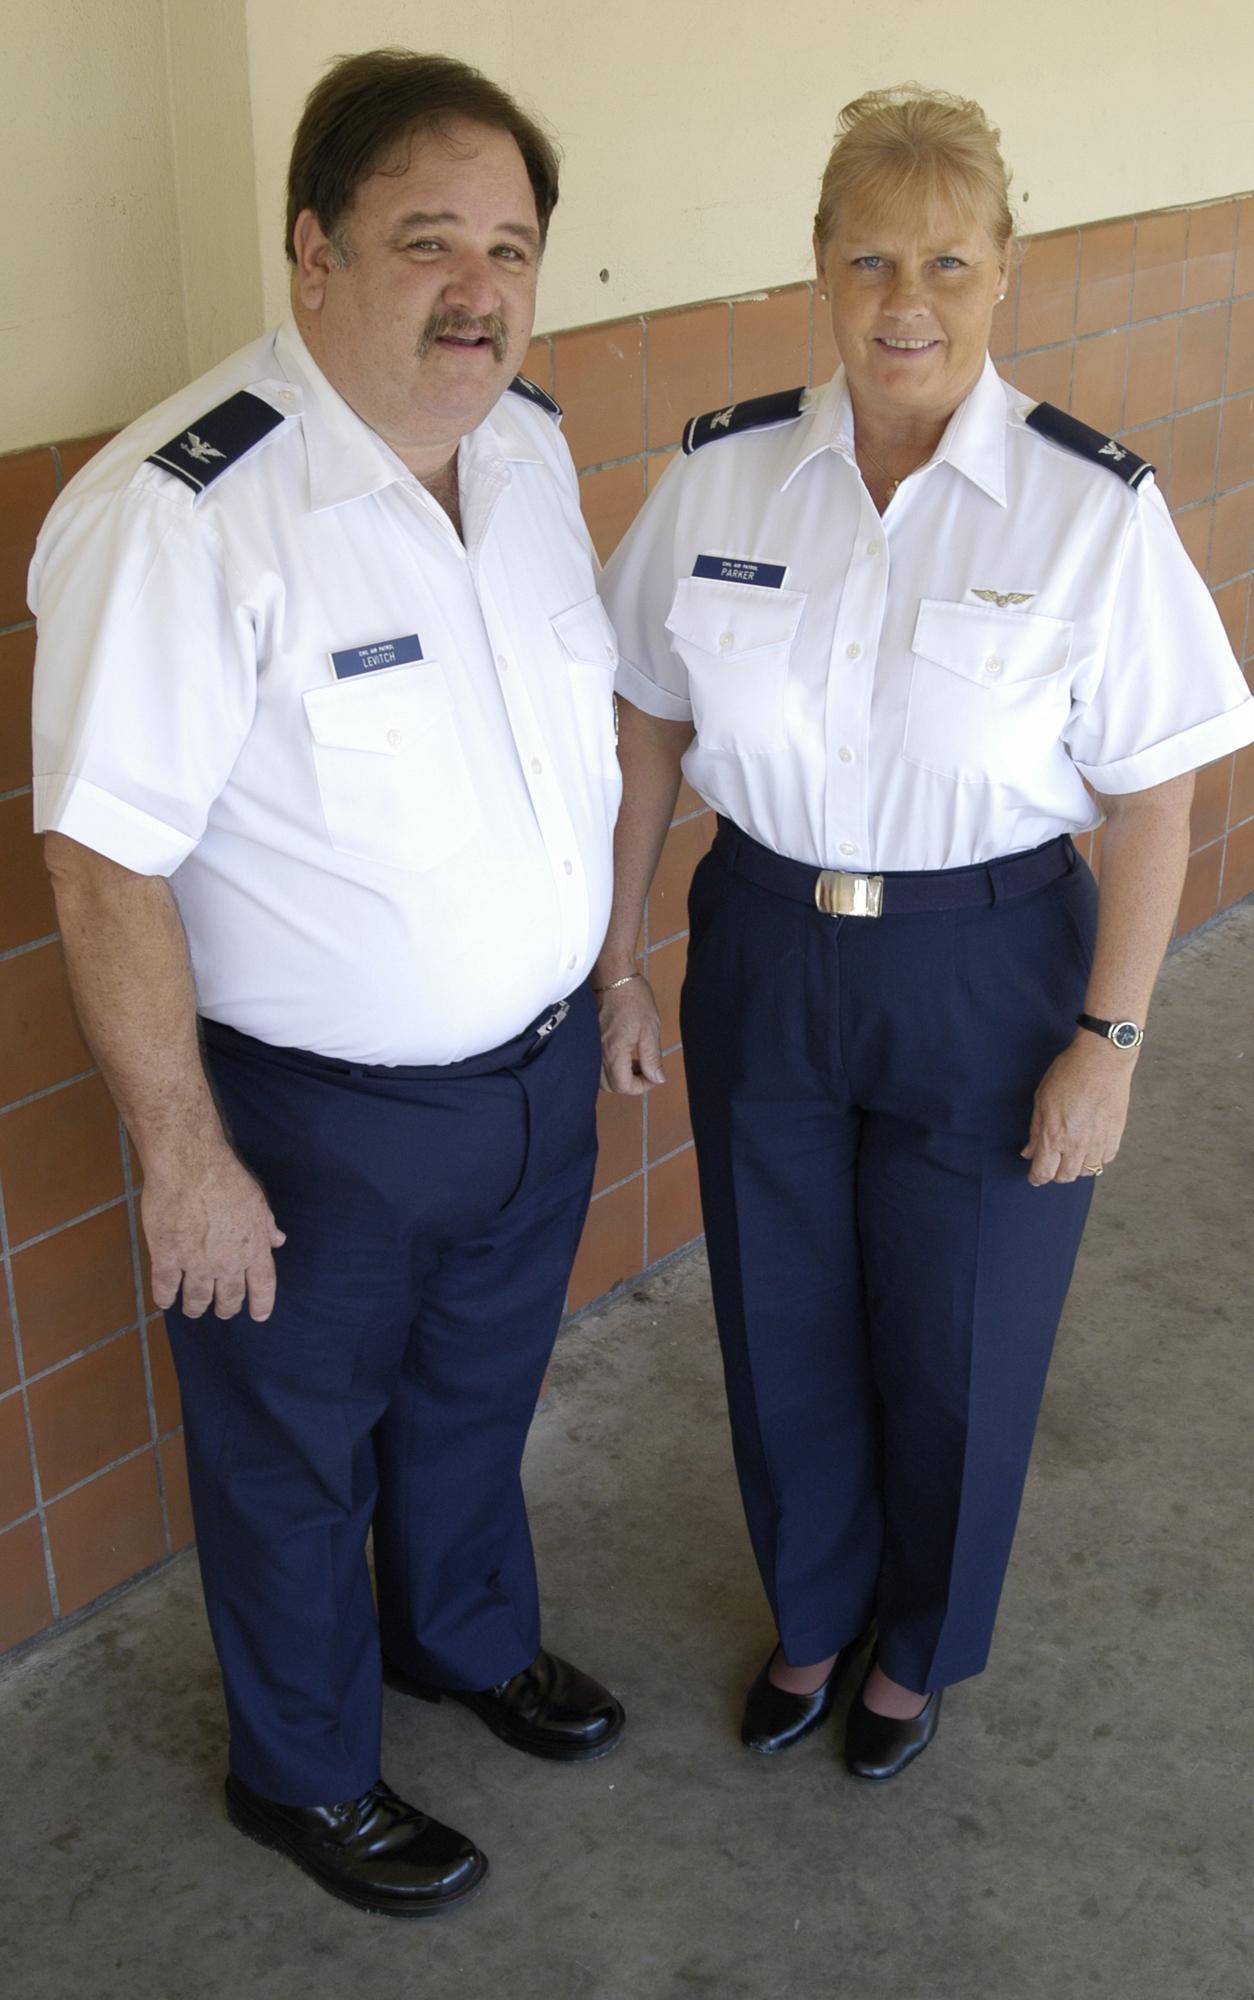 1342a64e2f2 New Corporate Uniform